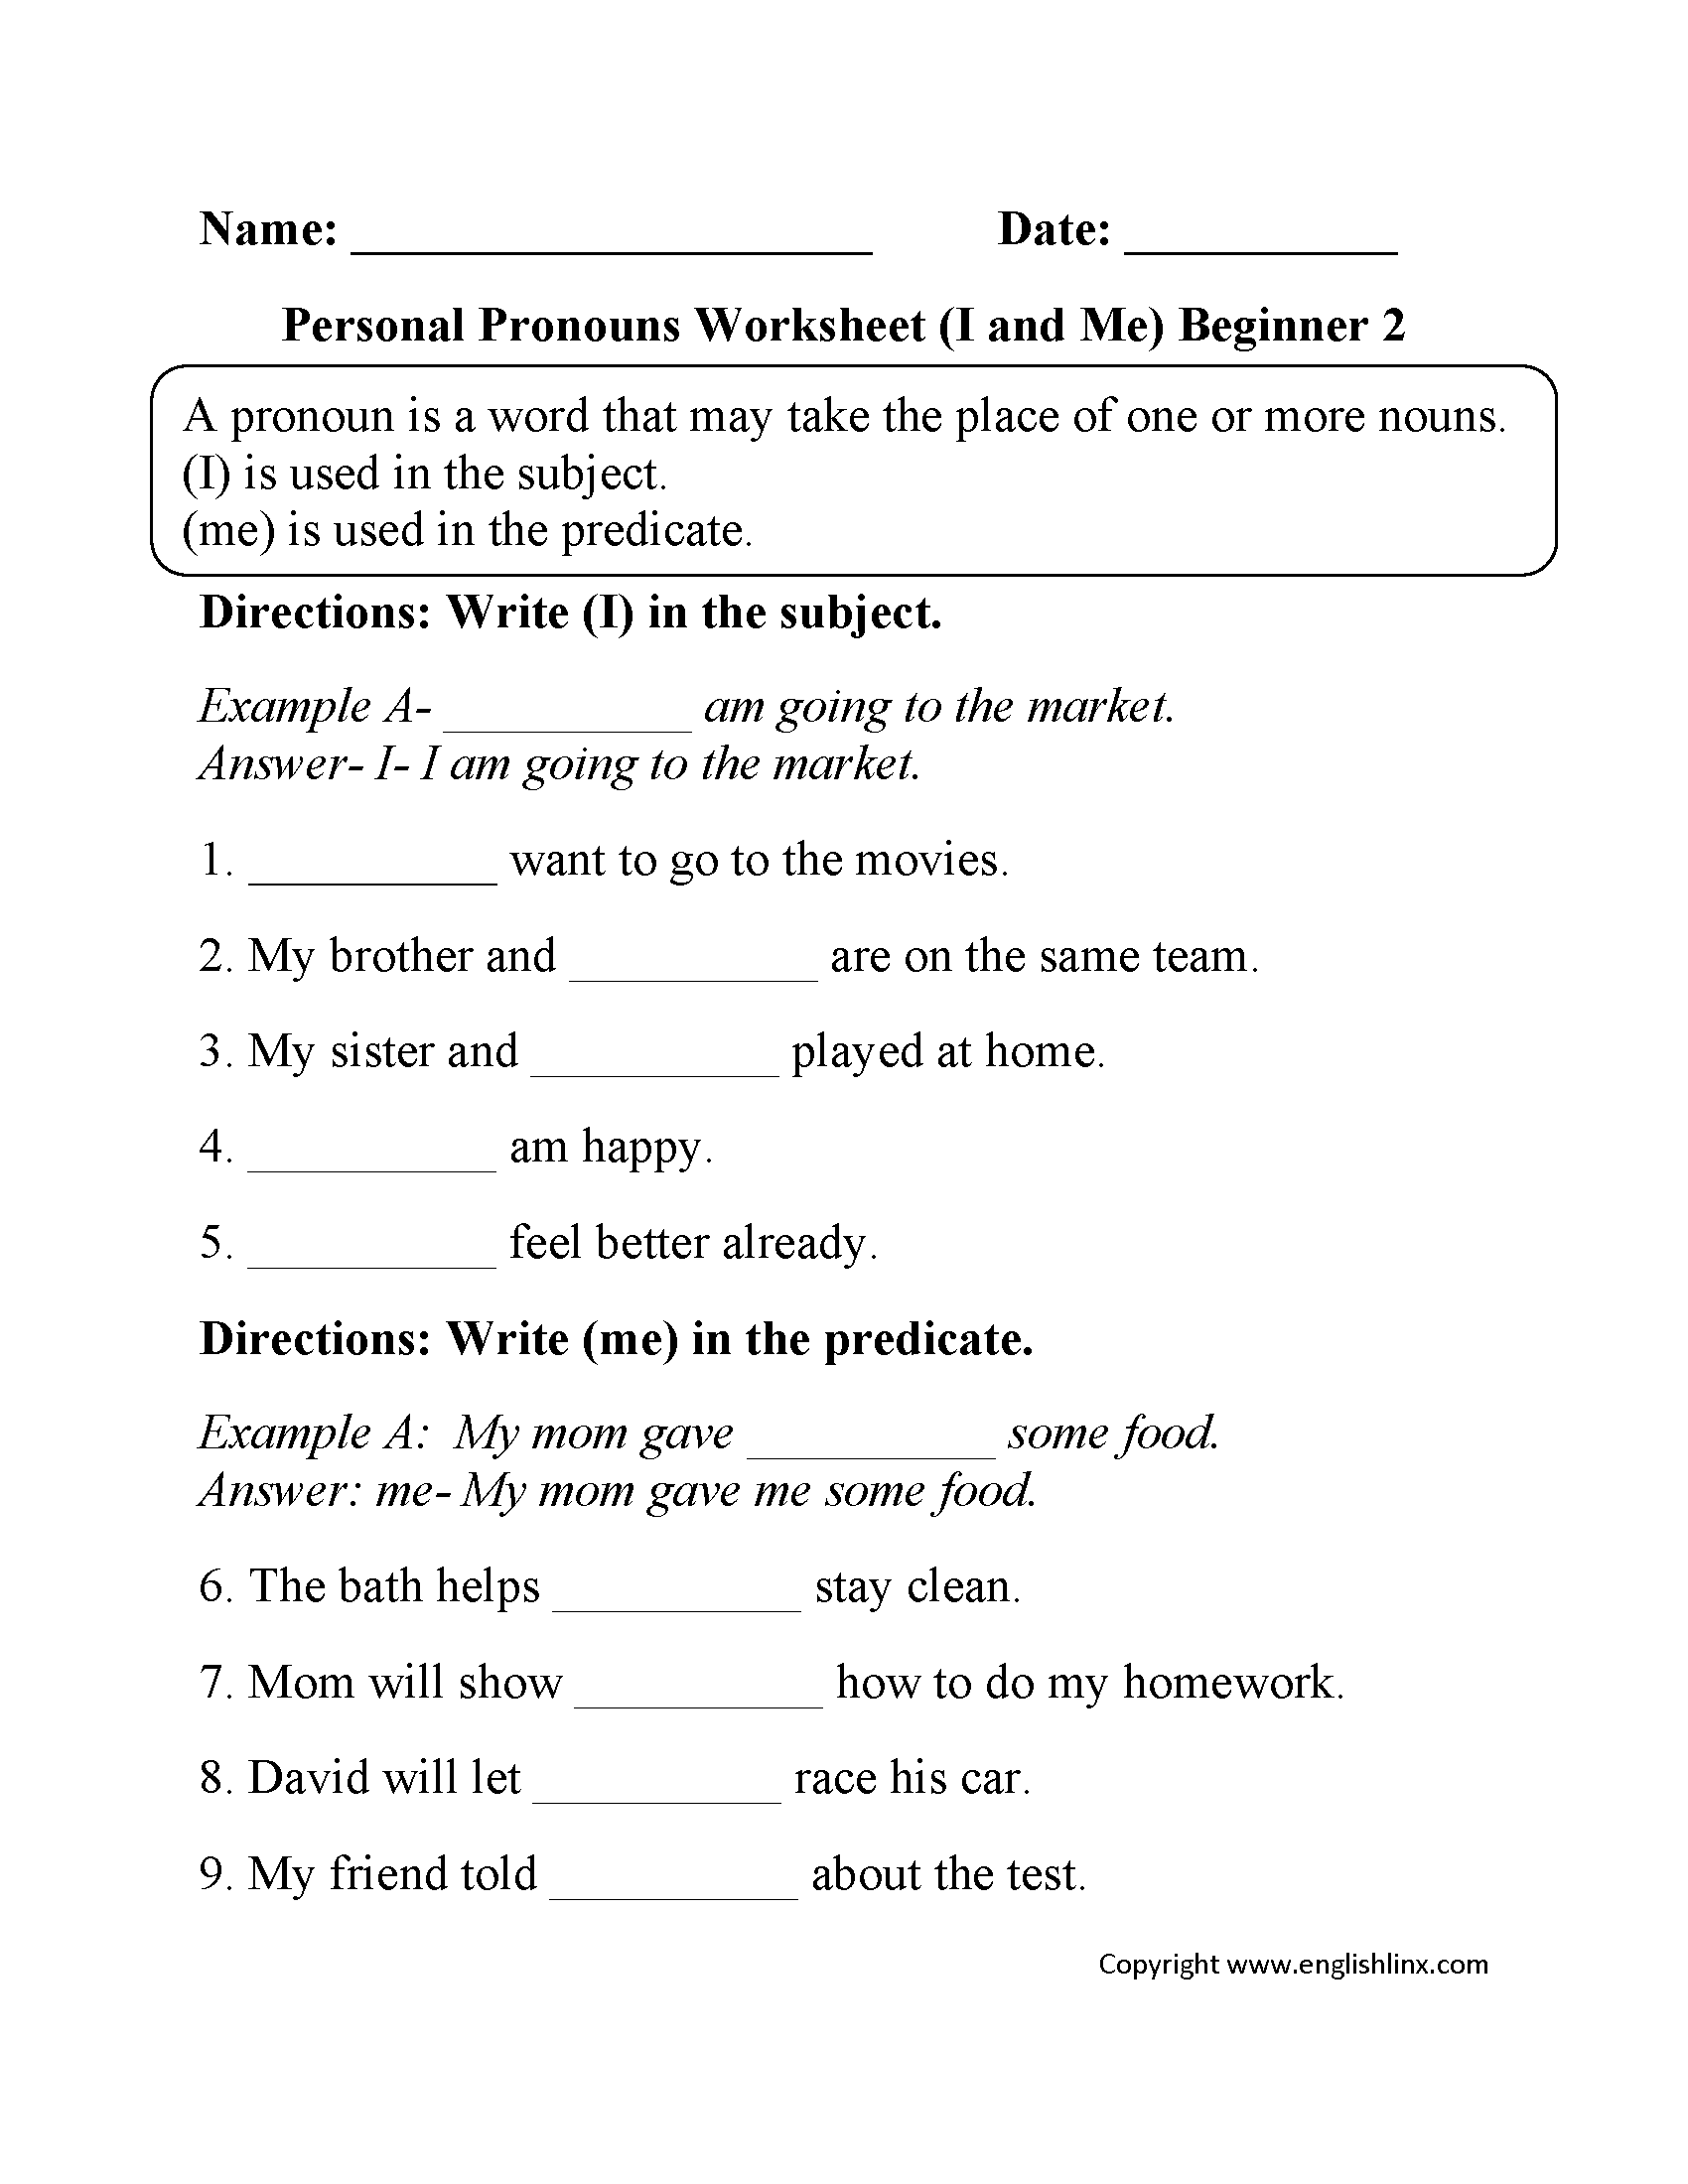 medium resolution of https://cute766.info/grade-4-english-grammar-pronouns-part-1-15-sept/